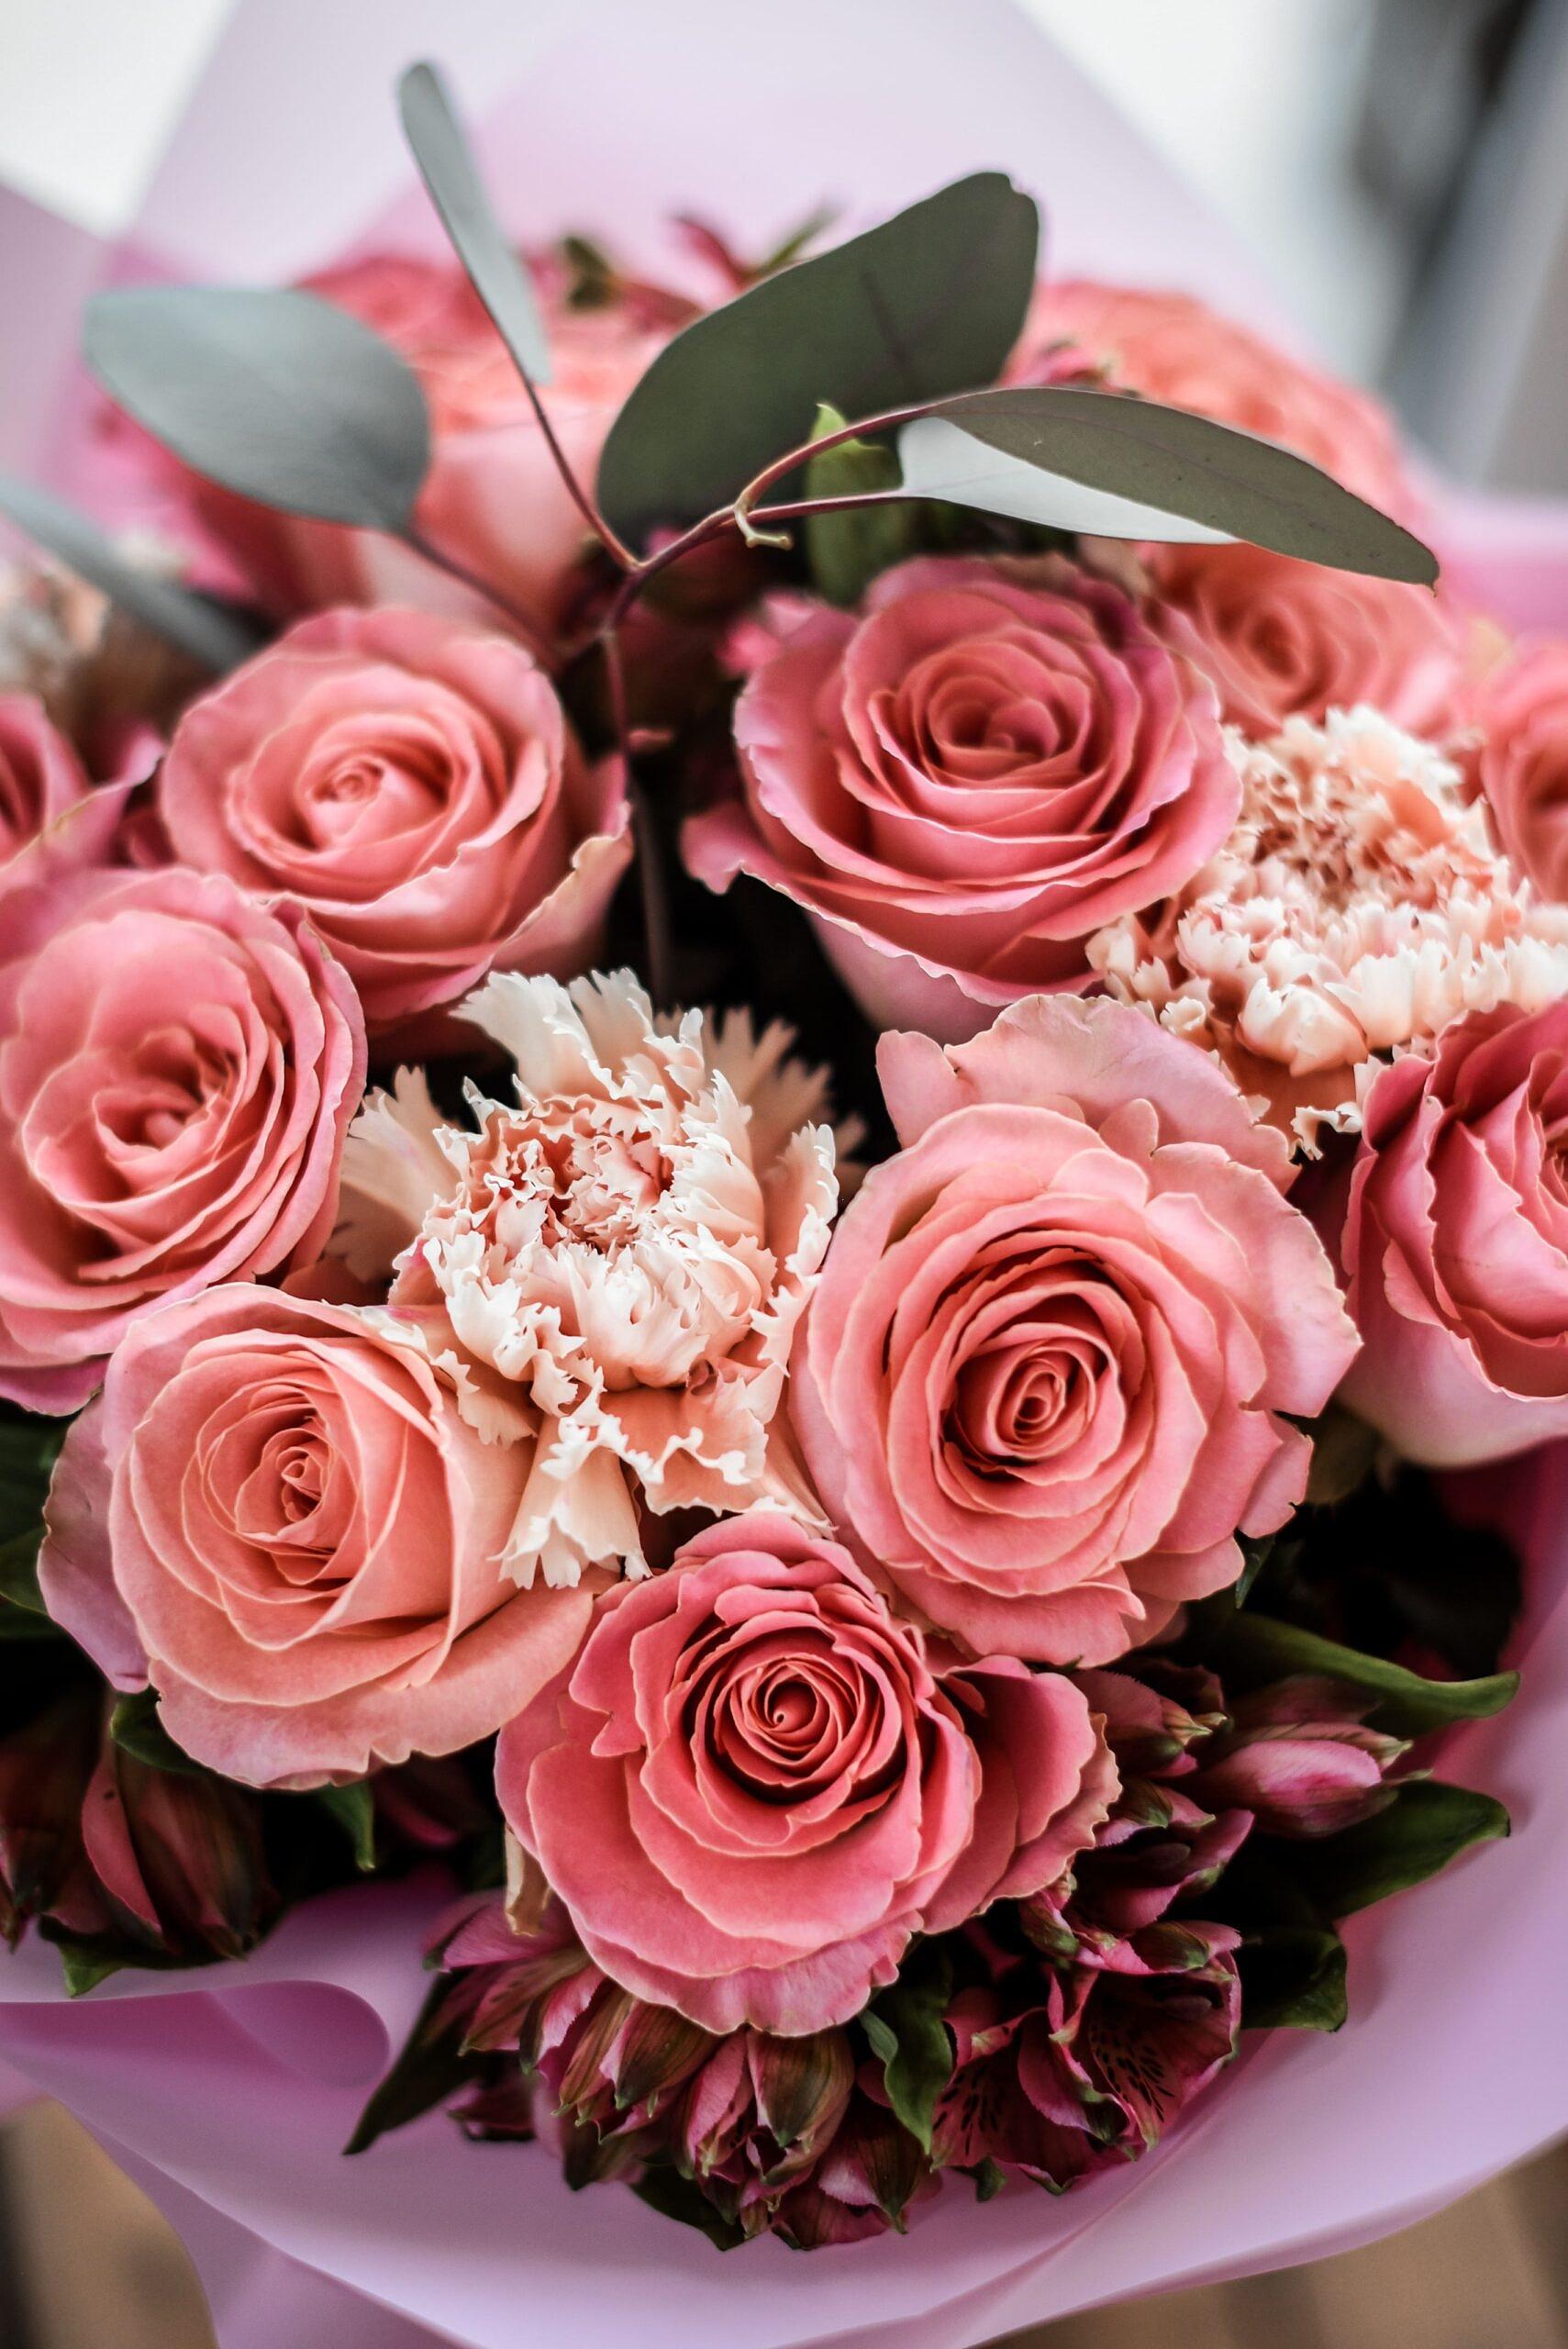 rozes, gimtadienio geles, geles gimtadieniui, geles vilniuje, geles i namus, puokste, puokste i namus, puokste vilniuje